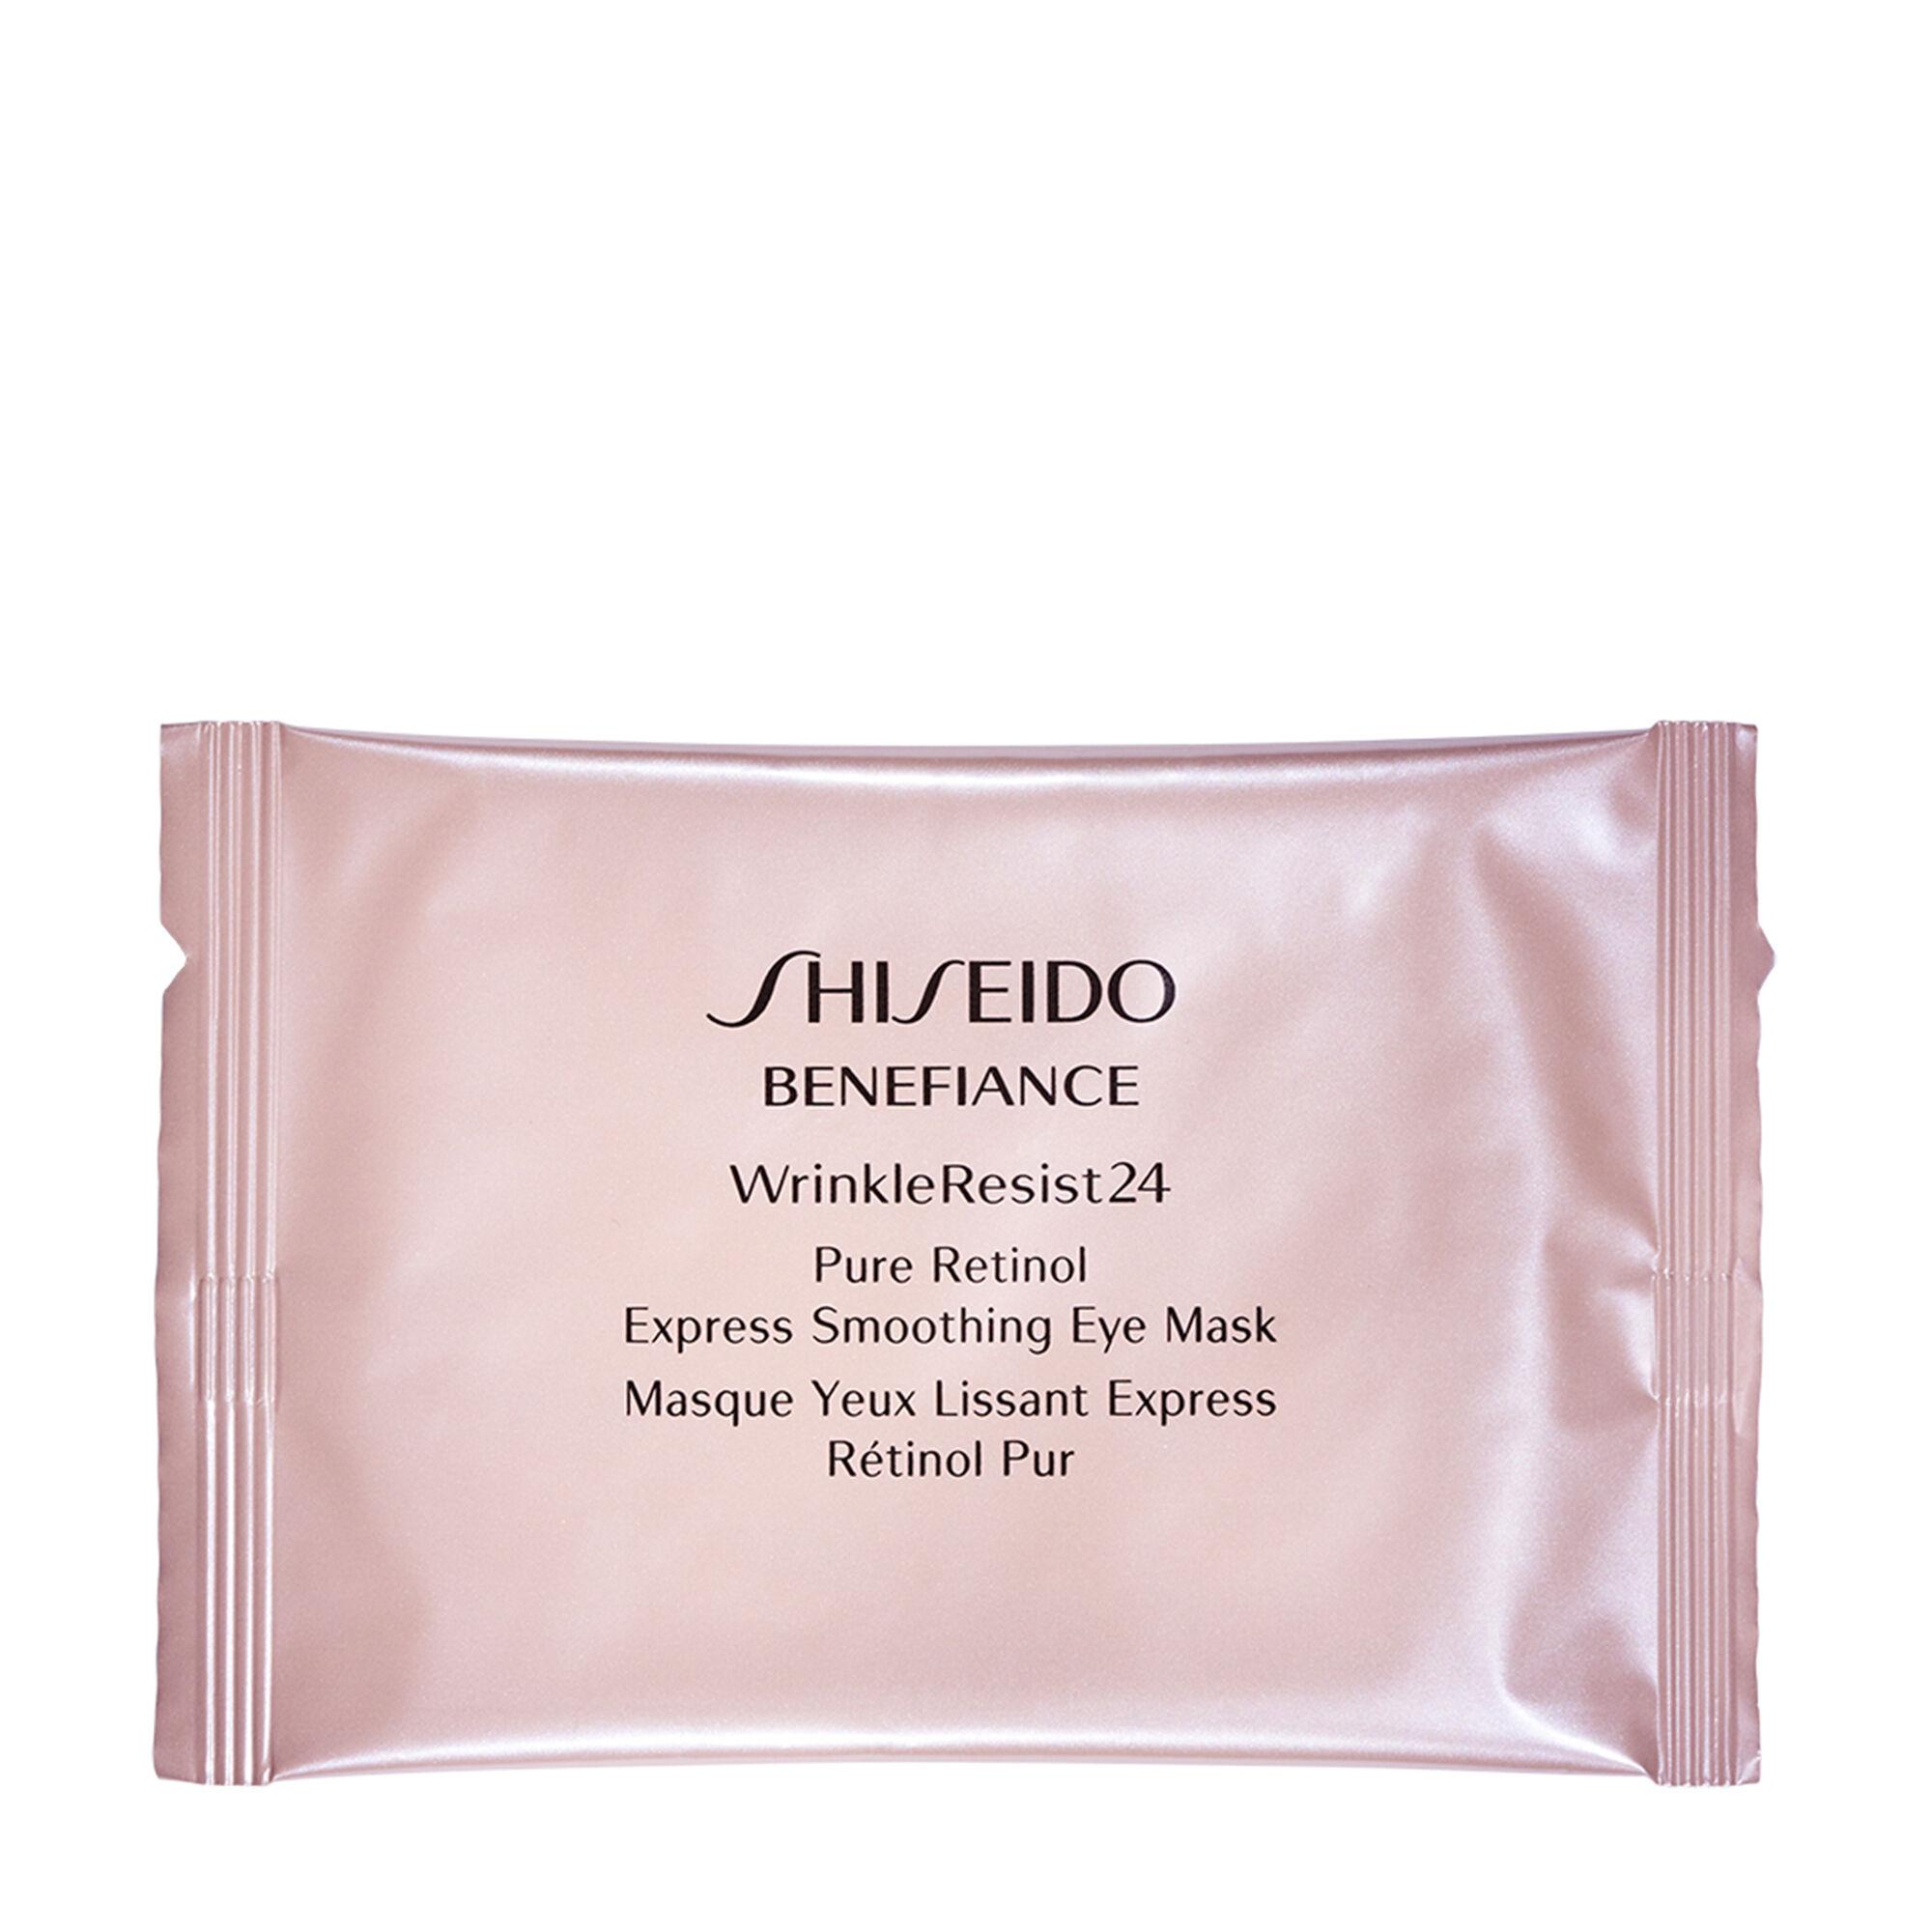 pure retinol express smoothing eye mask